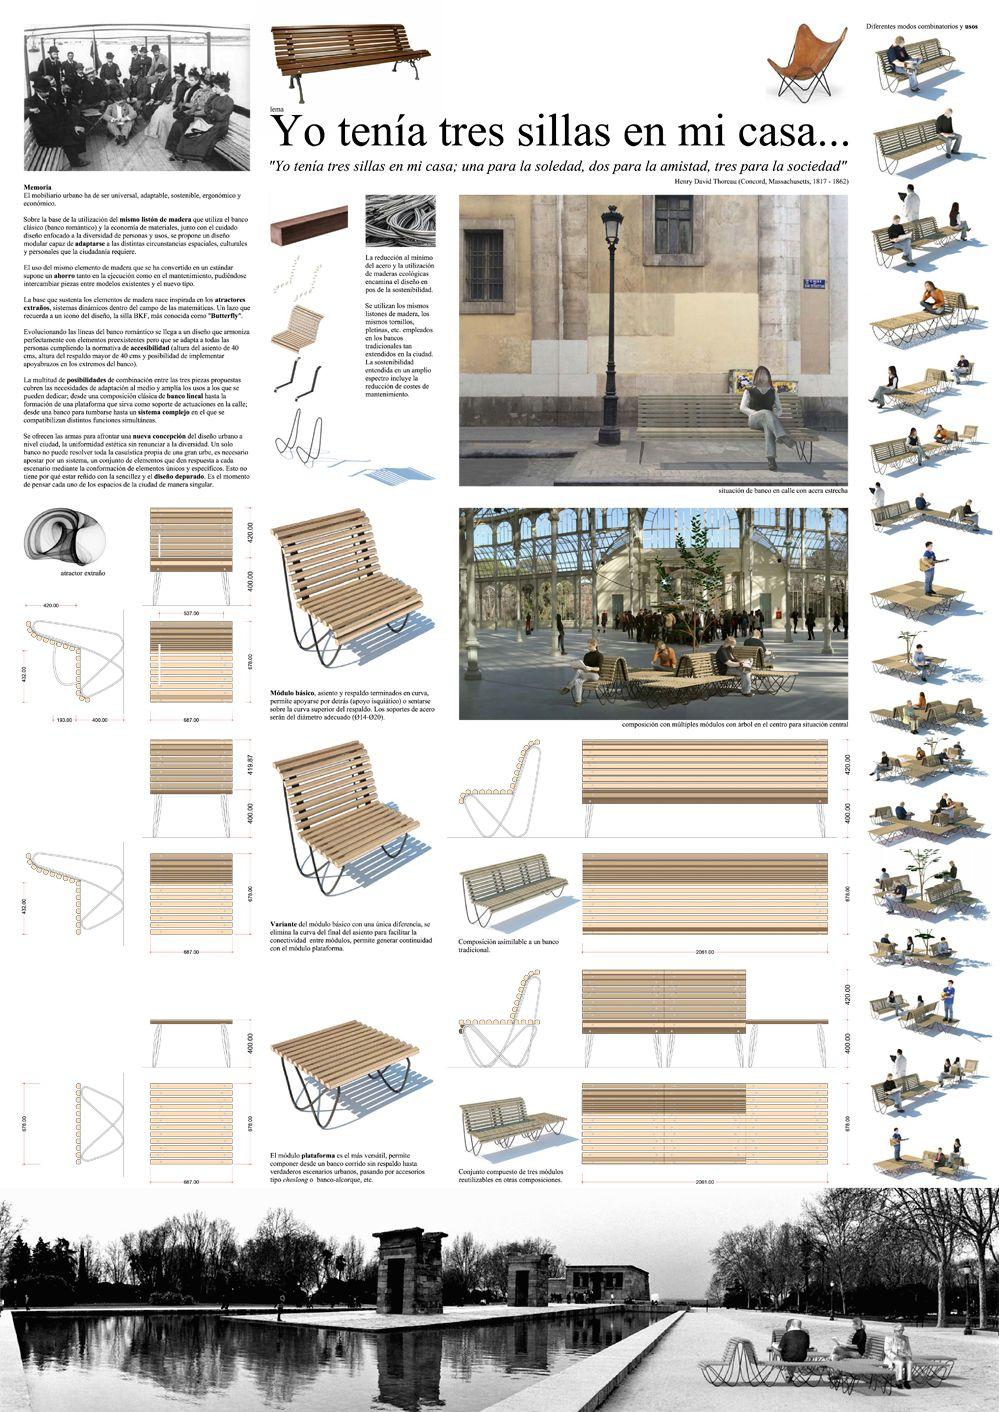 Proyecto 'Yo tenía tres sillas en mi casa' (pincha en la imagen para ampliar)